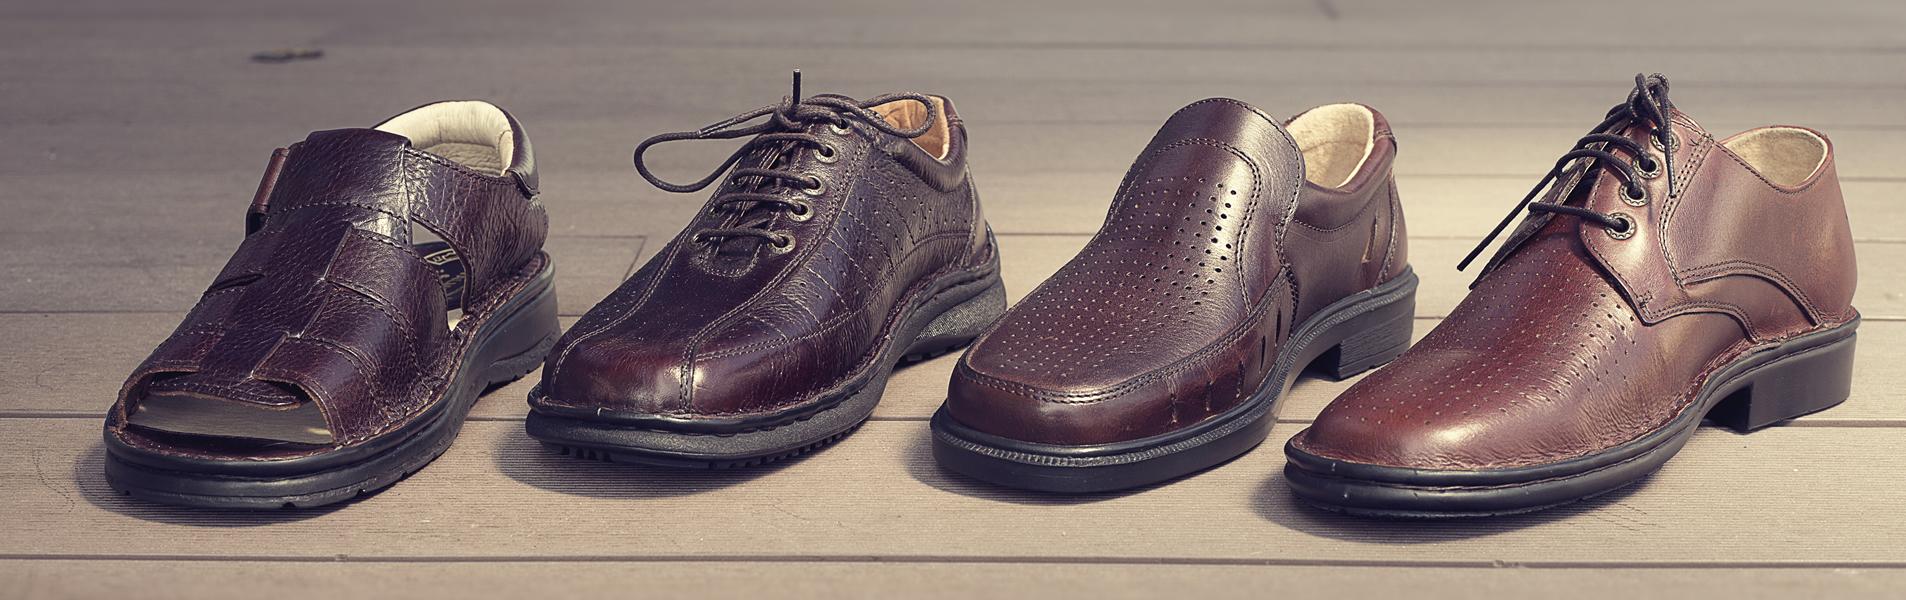 Valmonte Chaussure Confort Chaussure Valmonte Chaussure chaussure Confort Confort Confort Valmonte Confort chaussure chaussure 7ax5zwBq